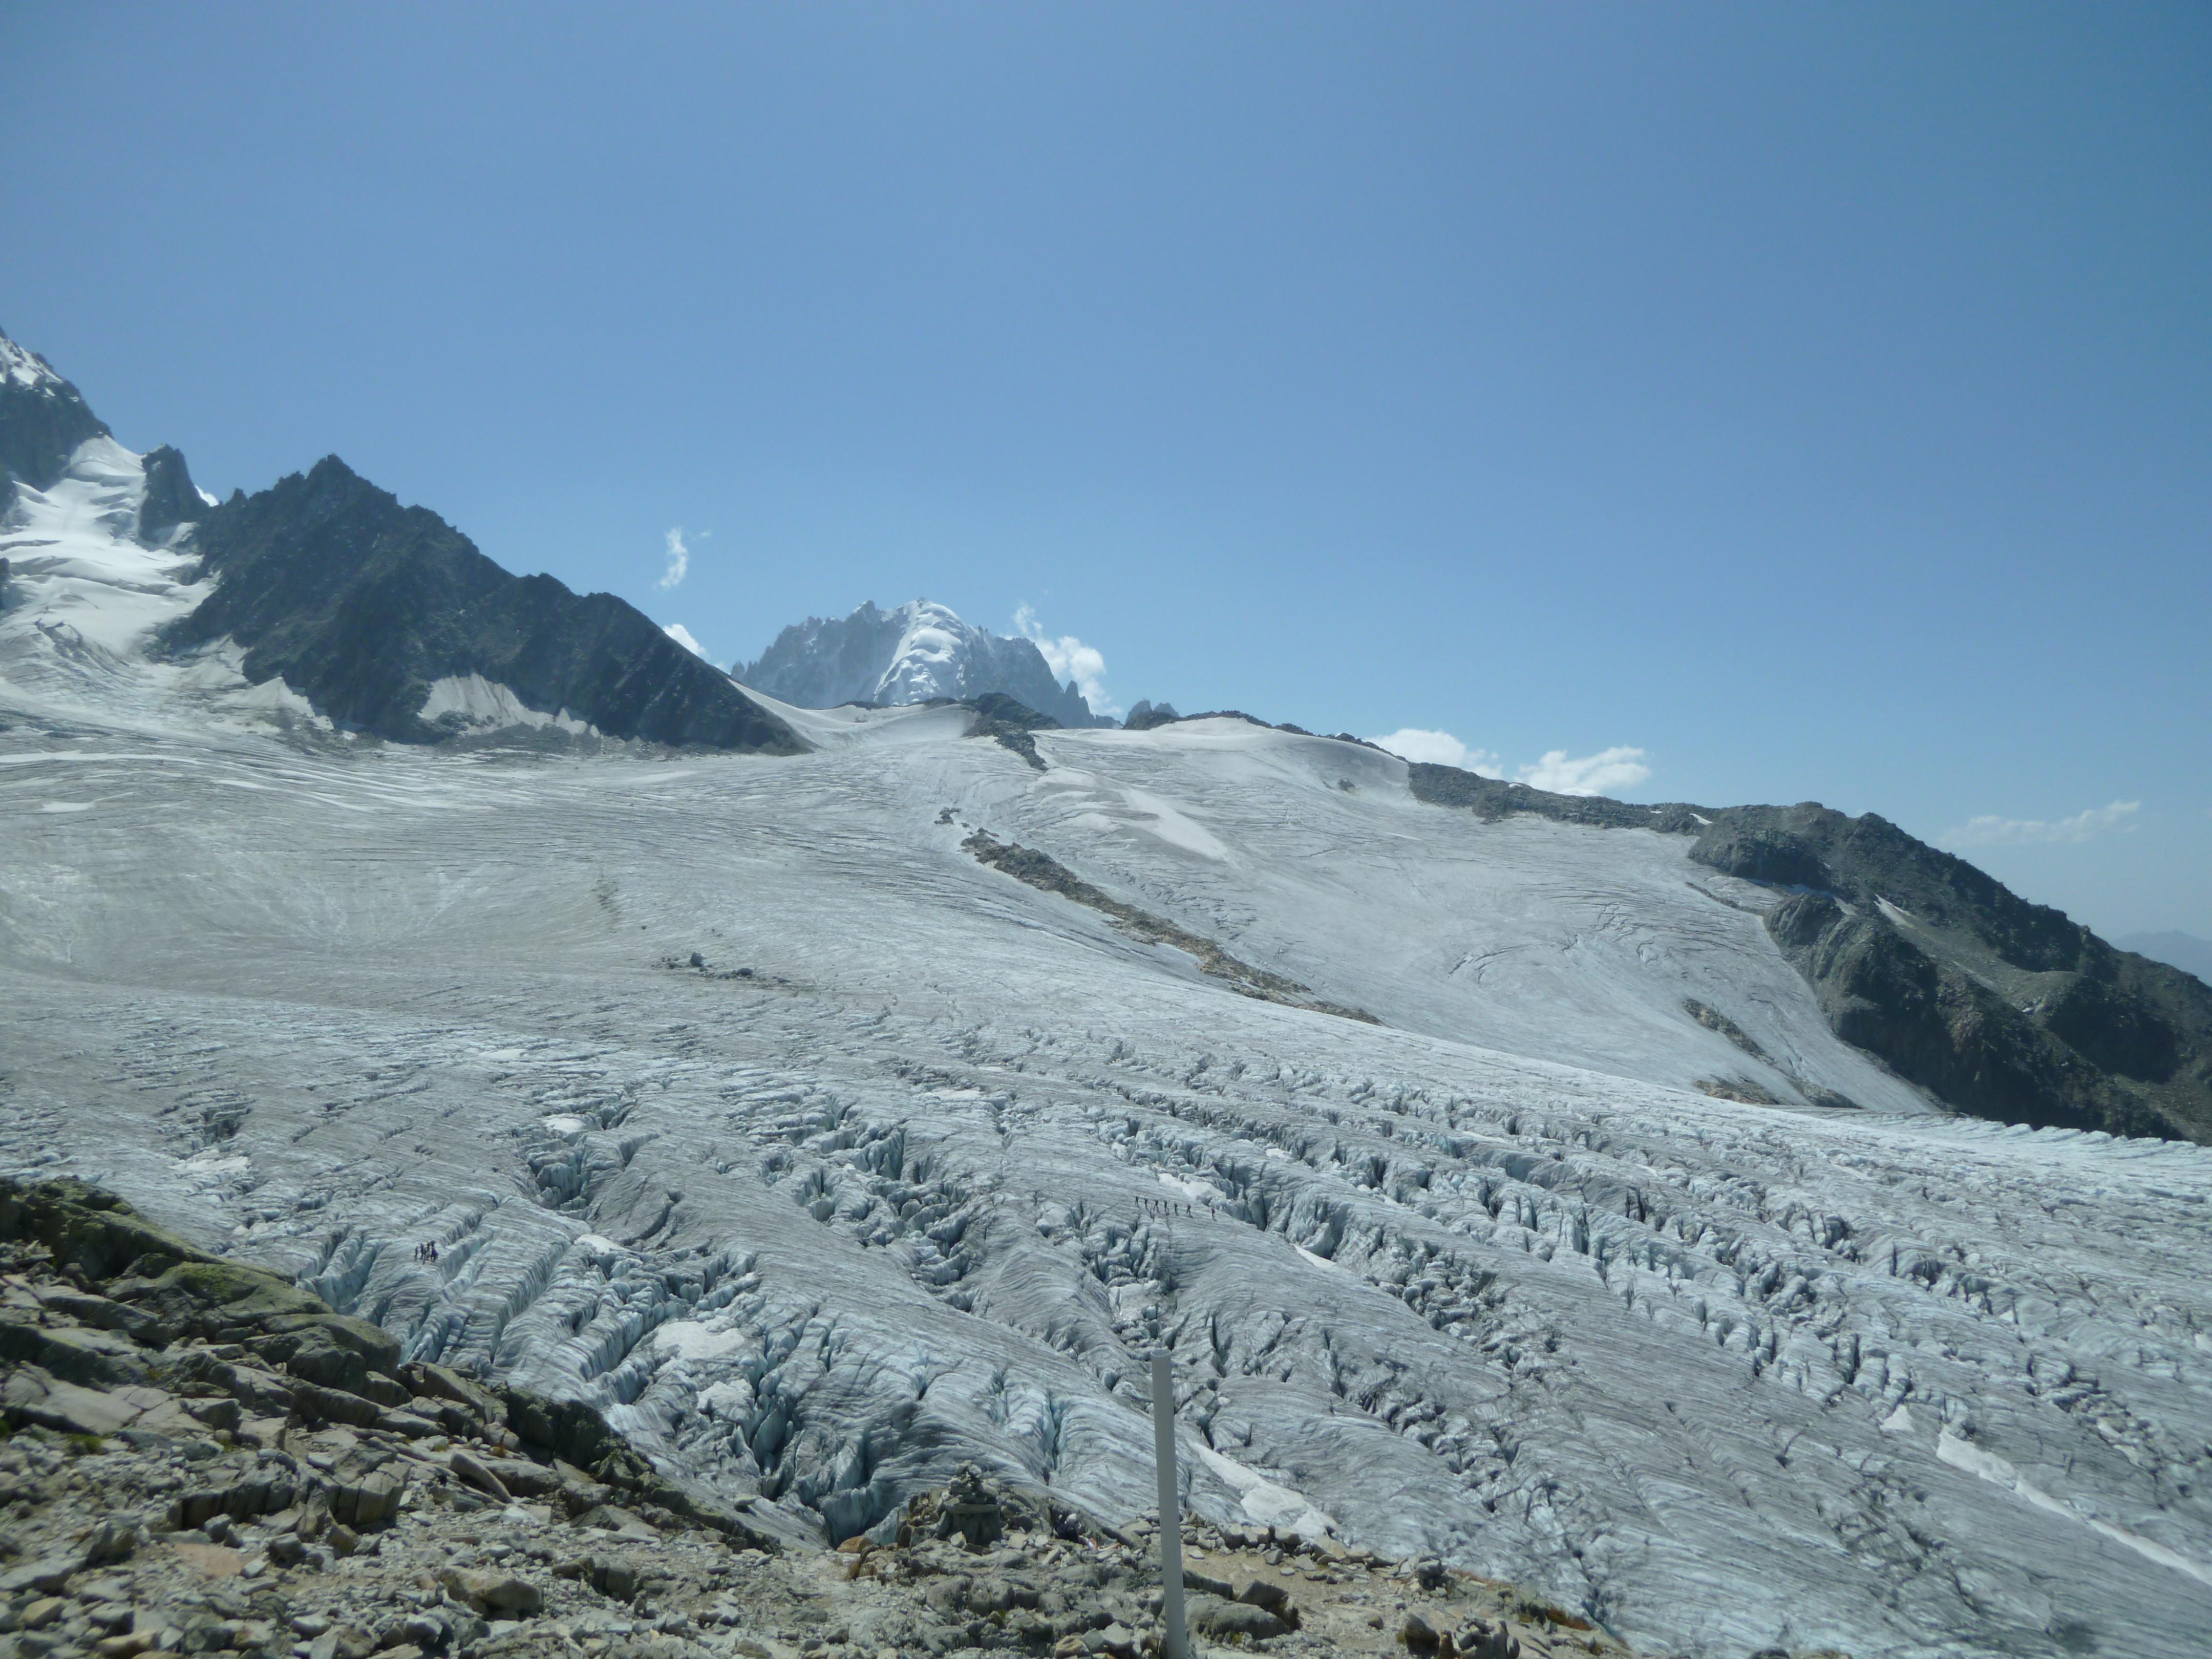 Monte Bianco - turismo Les Houches - ViaMichelin